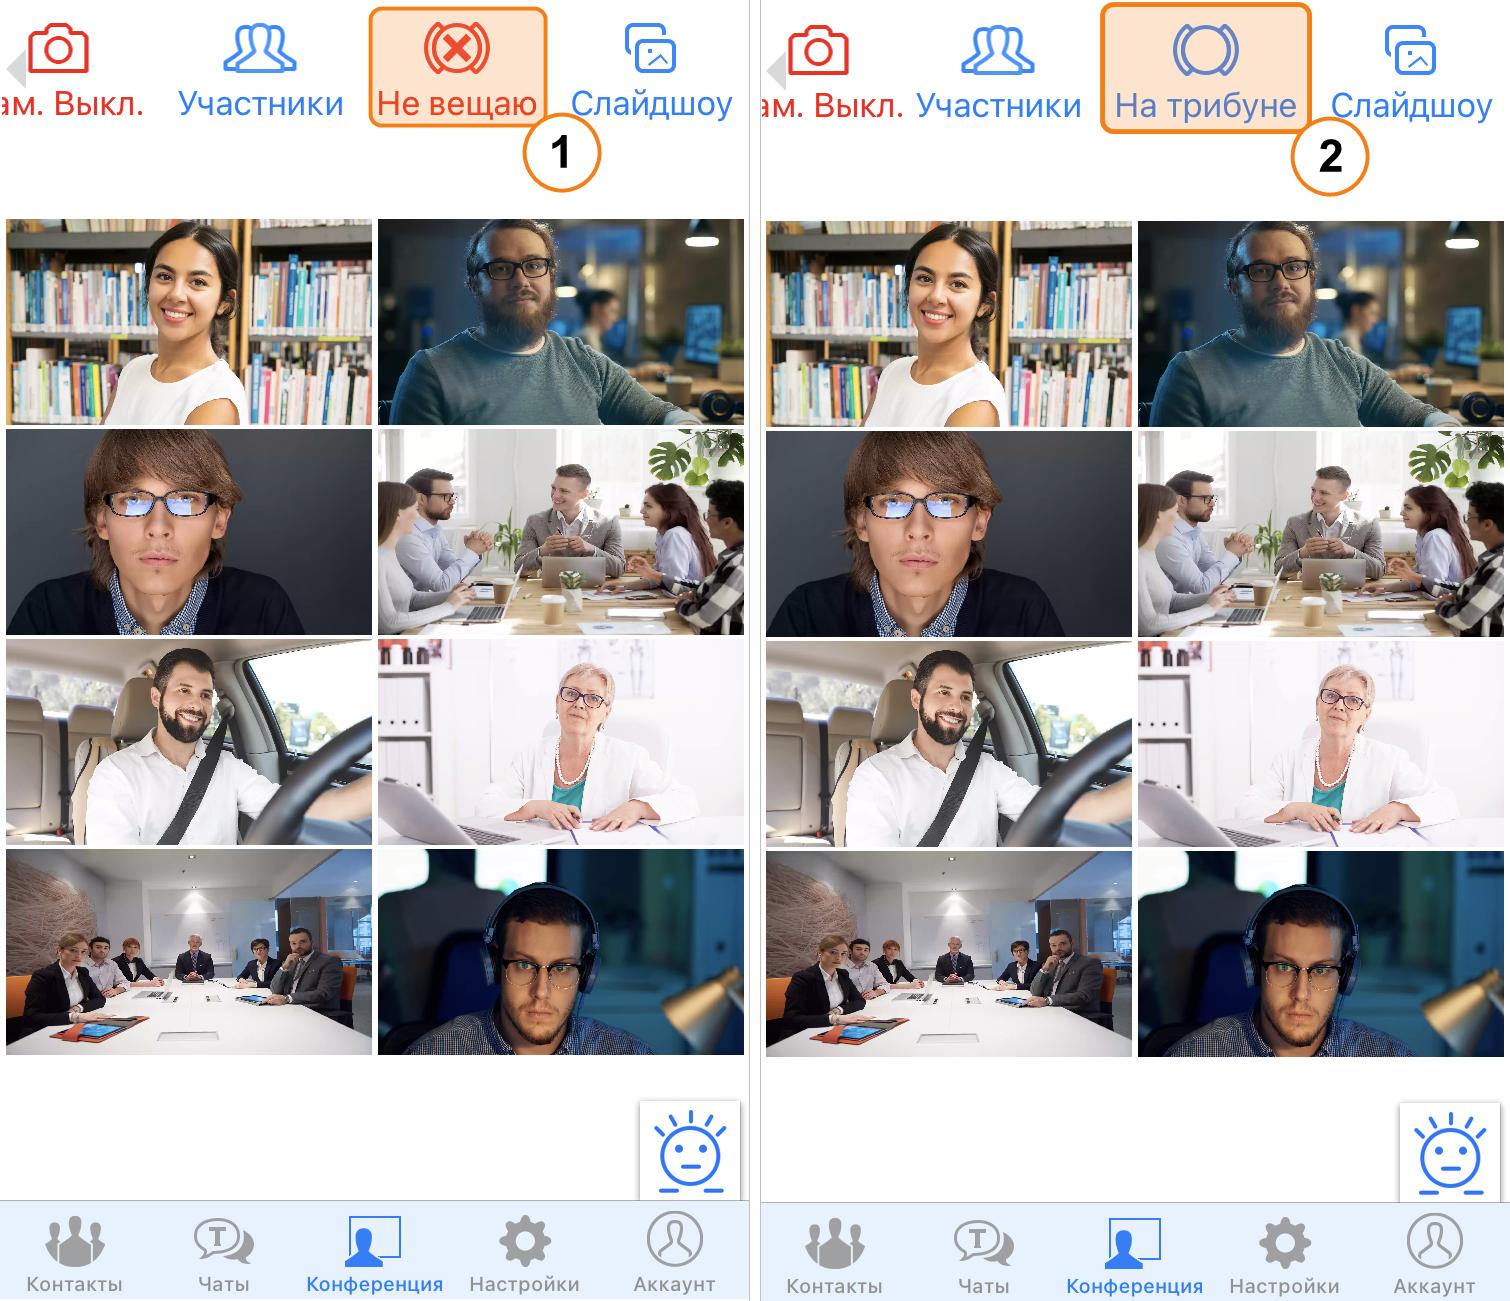 Персональные и групповые конференции в приложении для iOS 5